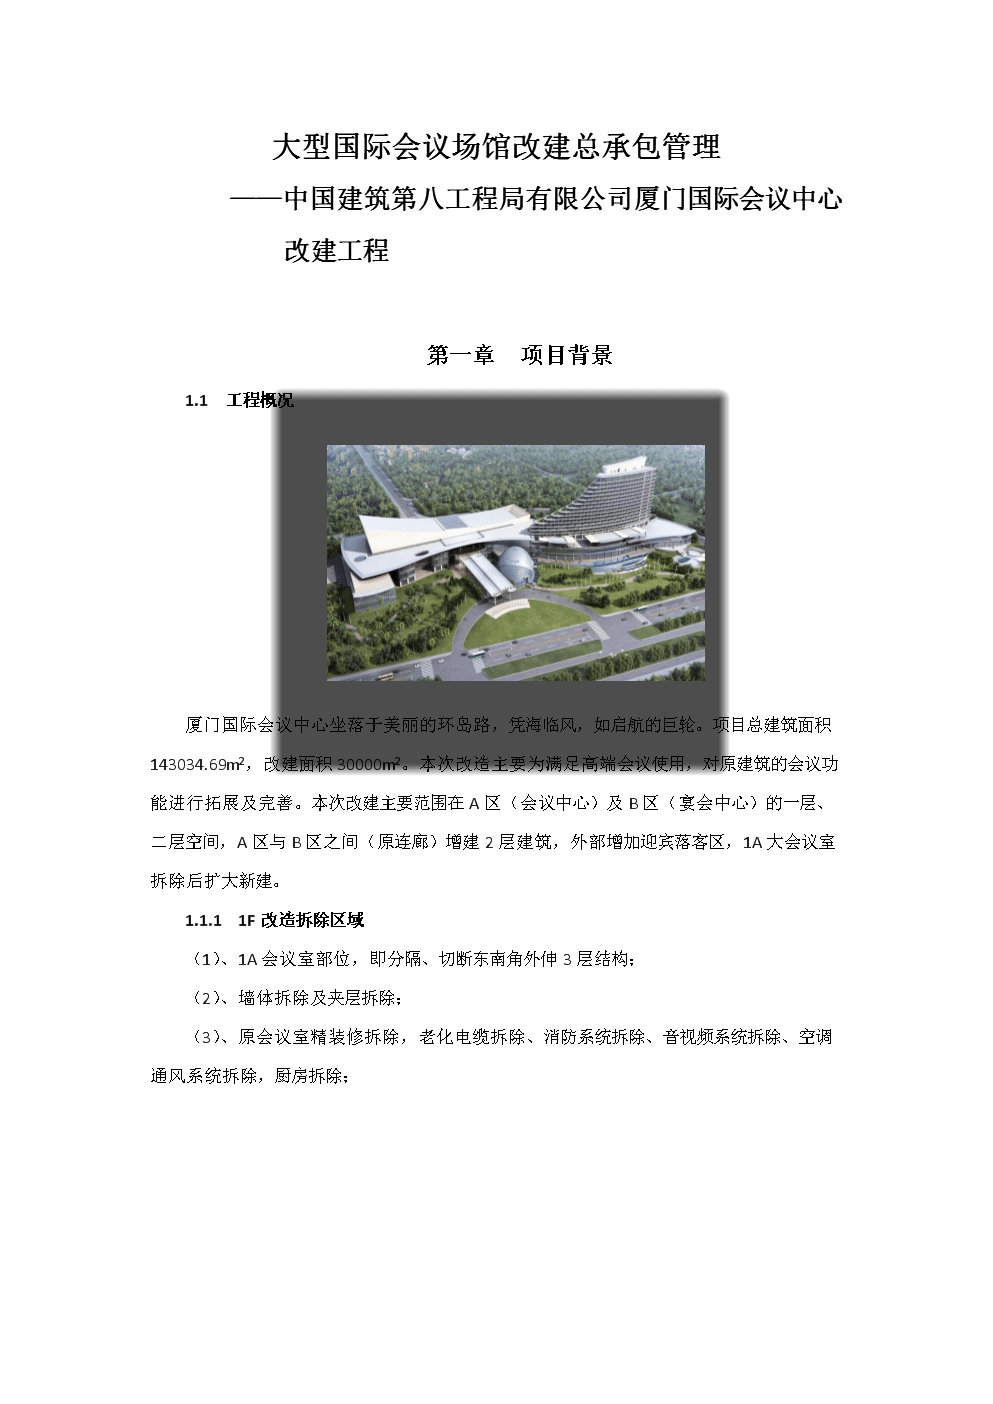 厦门国际会议中心改建工程——大型国际会议场馆改建总承包管理.docx